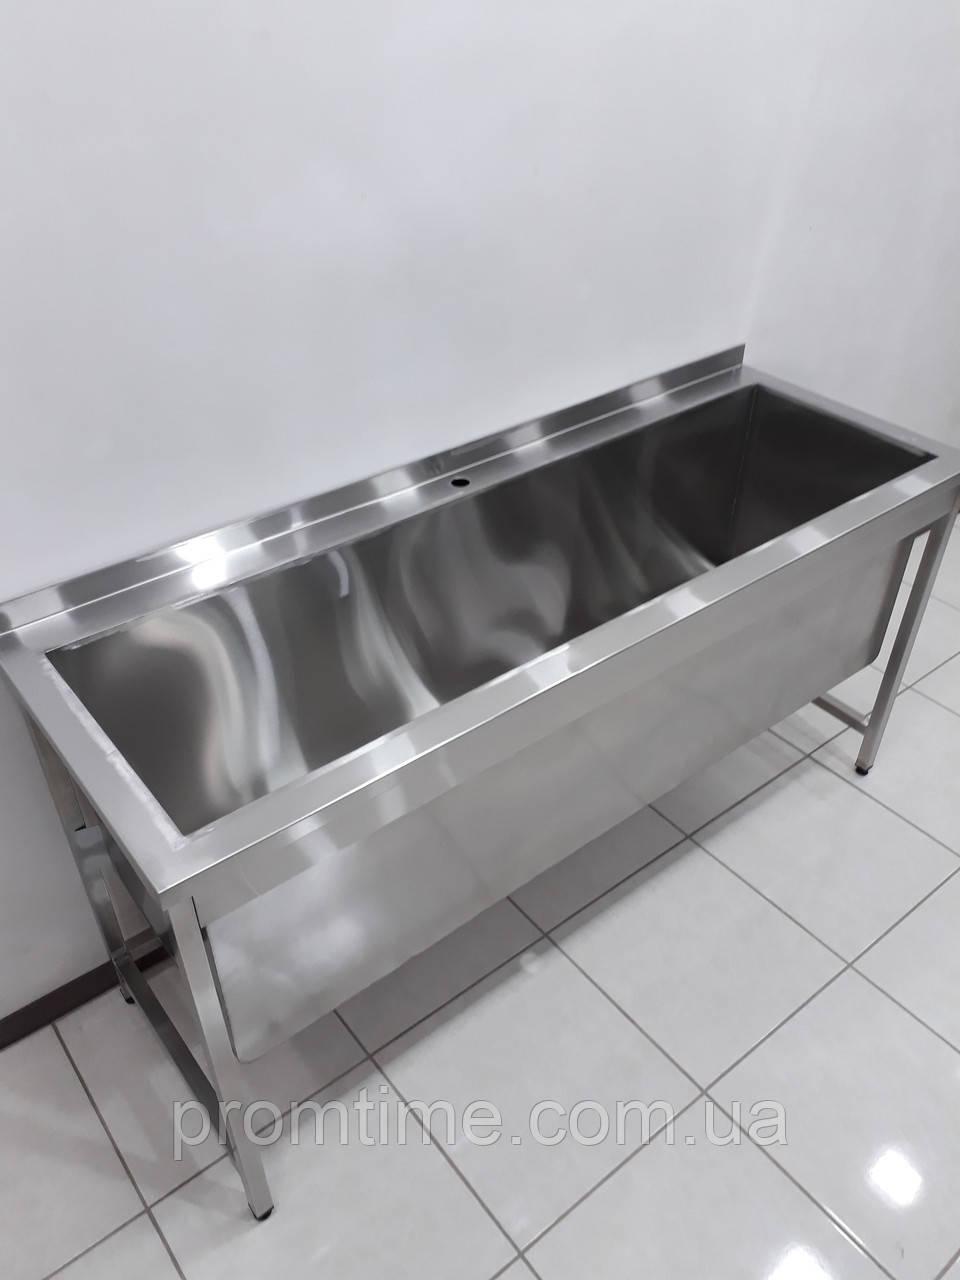 Ванна моечная, мойка односекционная с бортом из нержавеющей стали 1700х600х850